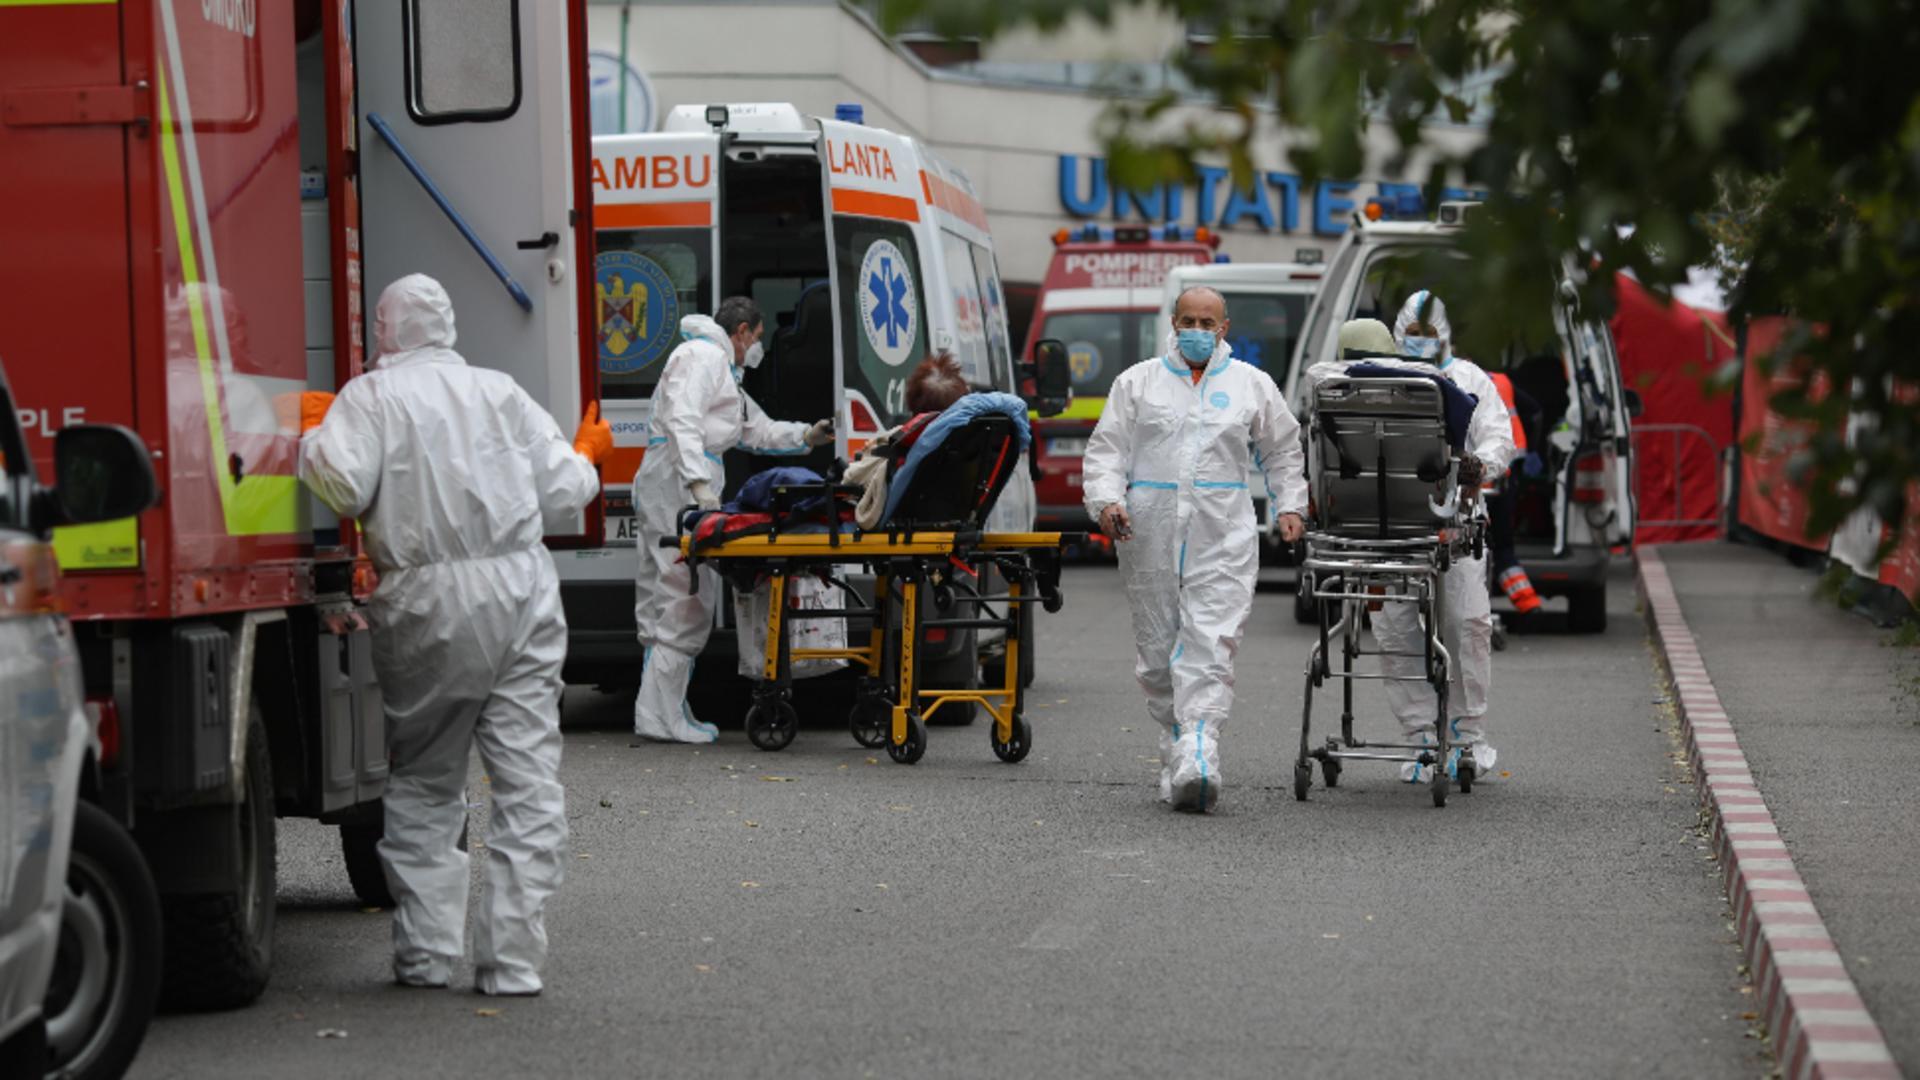 Spitalele, copleșite de pacienții Covid. Foto: Inquam / Octav Ganea